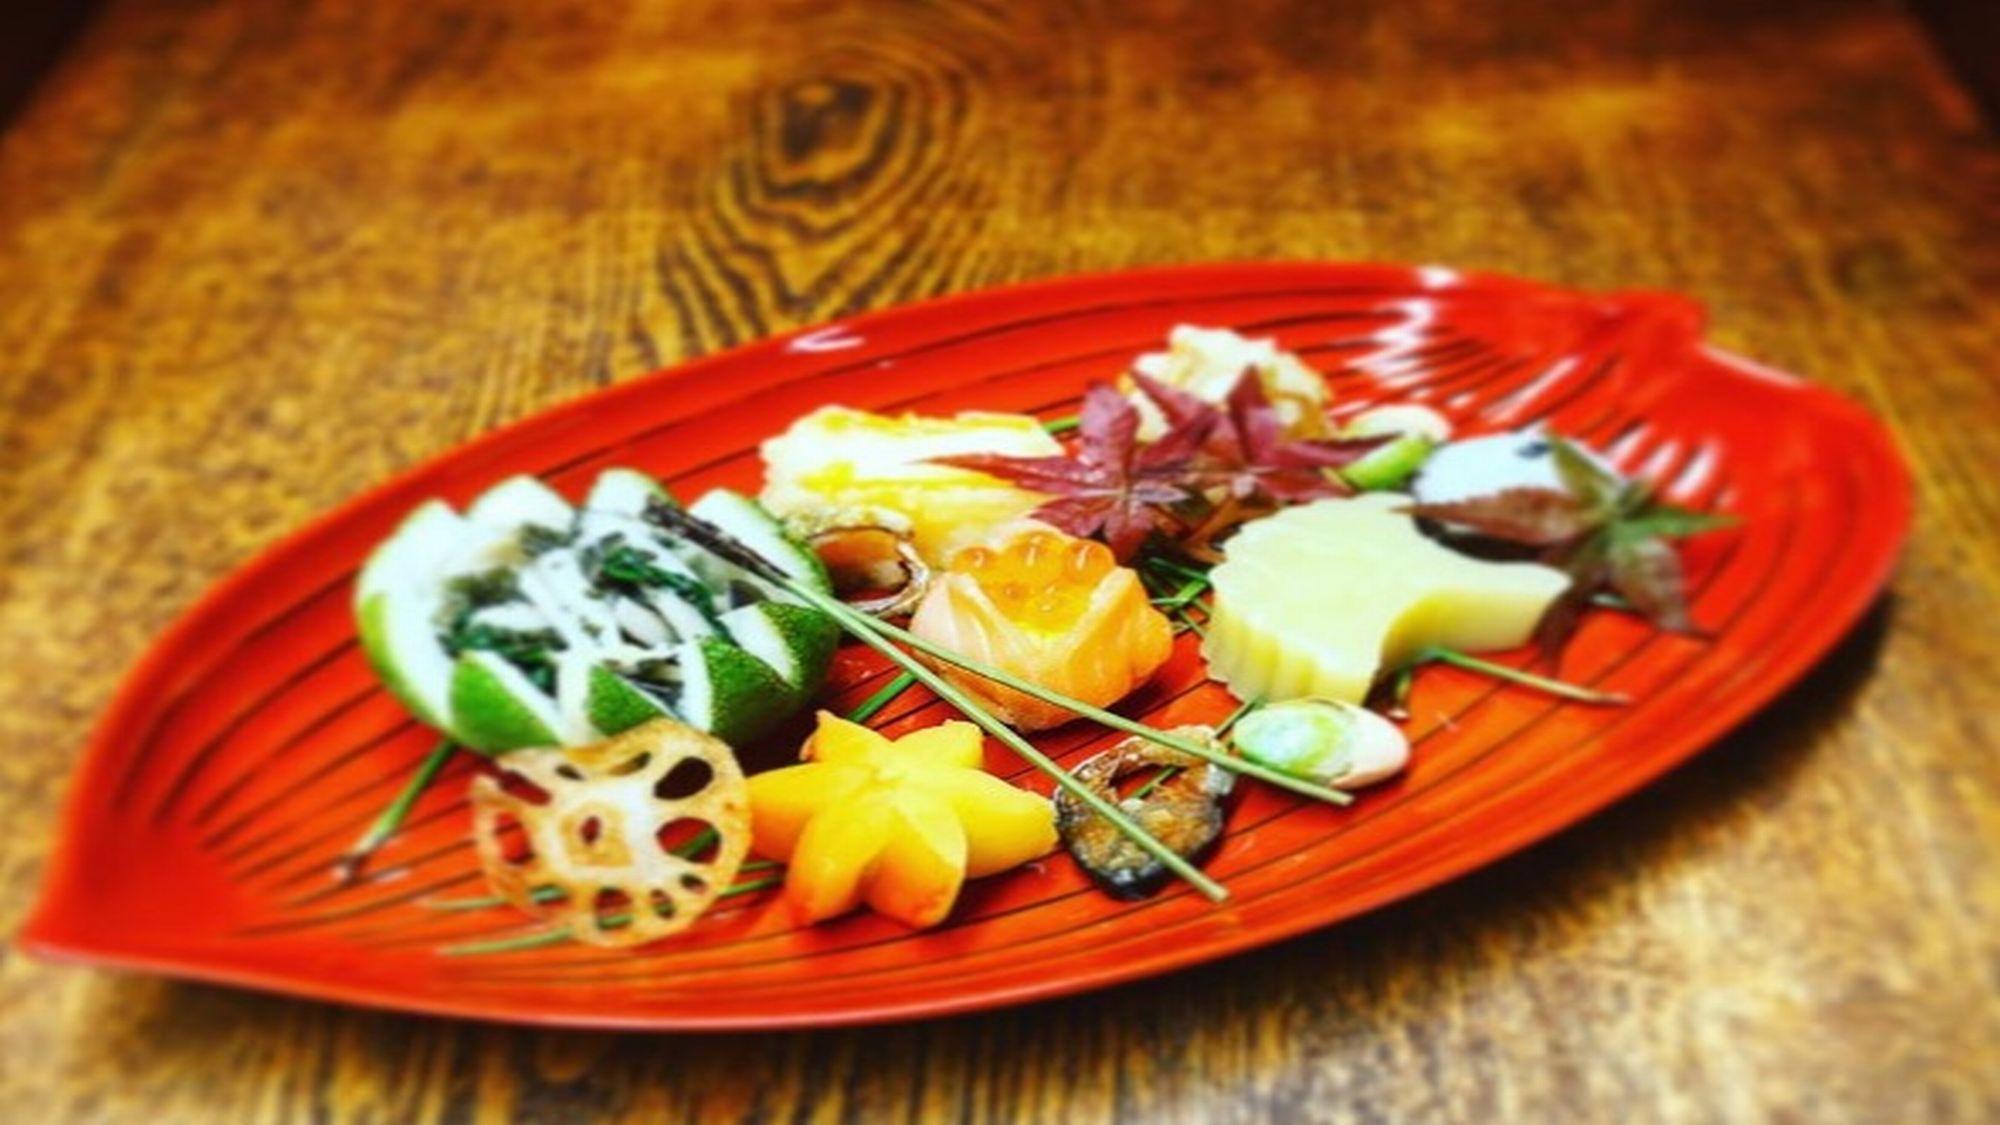 【吹き寄せ盛】秋の食材を使い、見た目も器も季節感を演出した料理です。